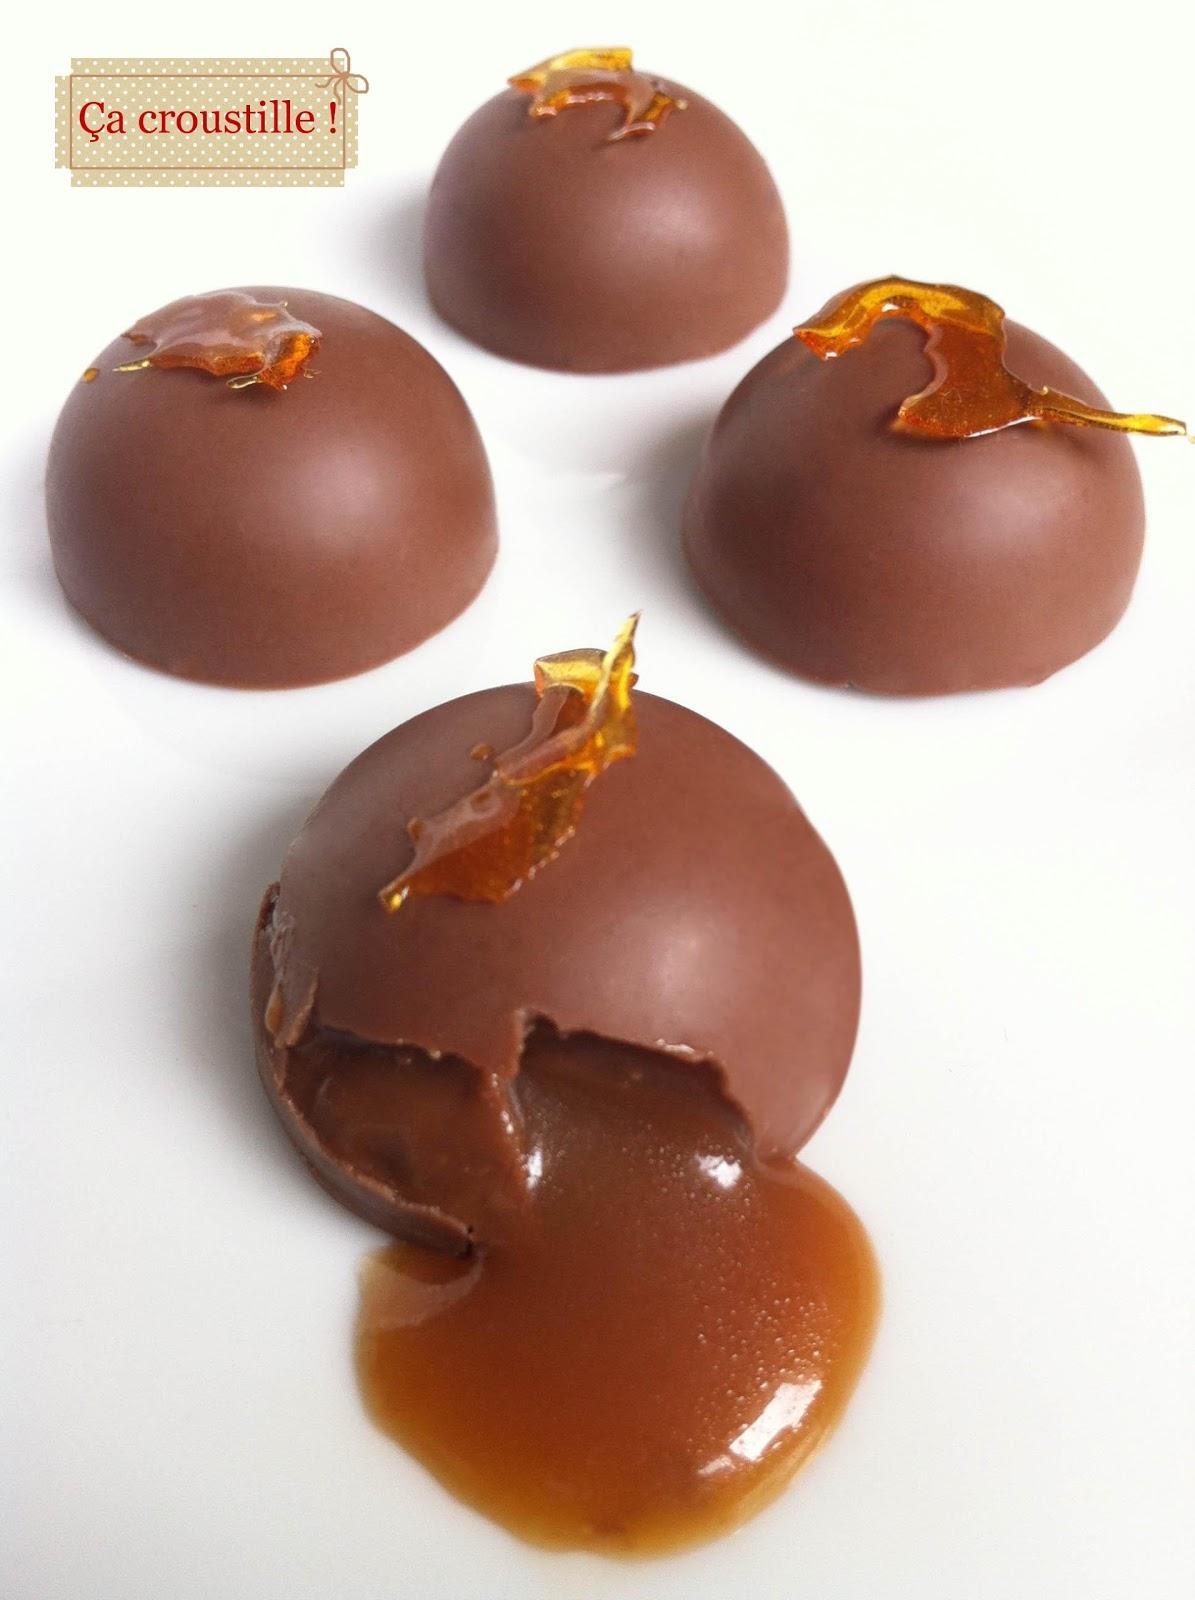 Ca Croustille Petits Chocolats Coeur Caramel Au Beurre Sale